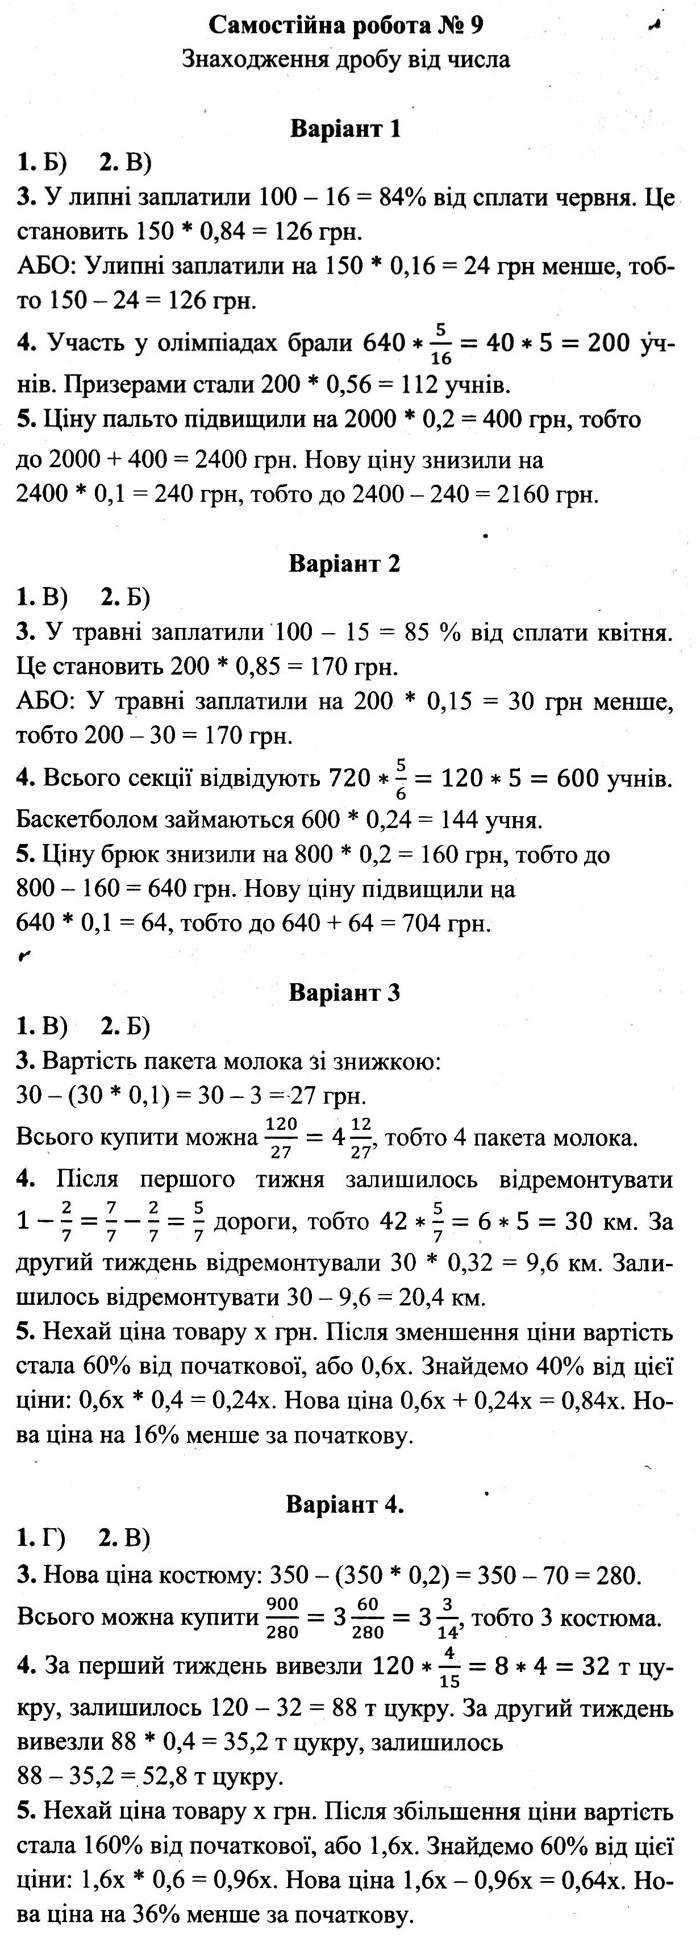 Розв'язання завдань до самостійної роботи 9 посібника 6 клас Математика Мерзляк (збірник самостійних робіт і тестів) 2020 рік